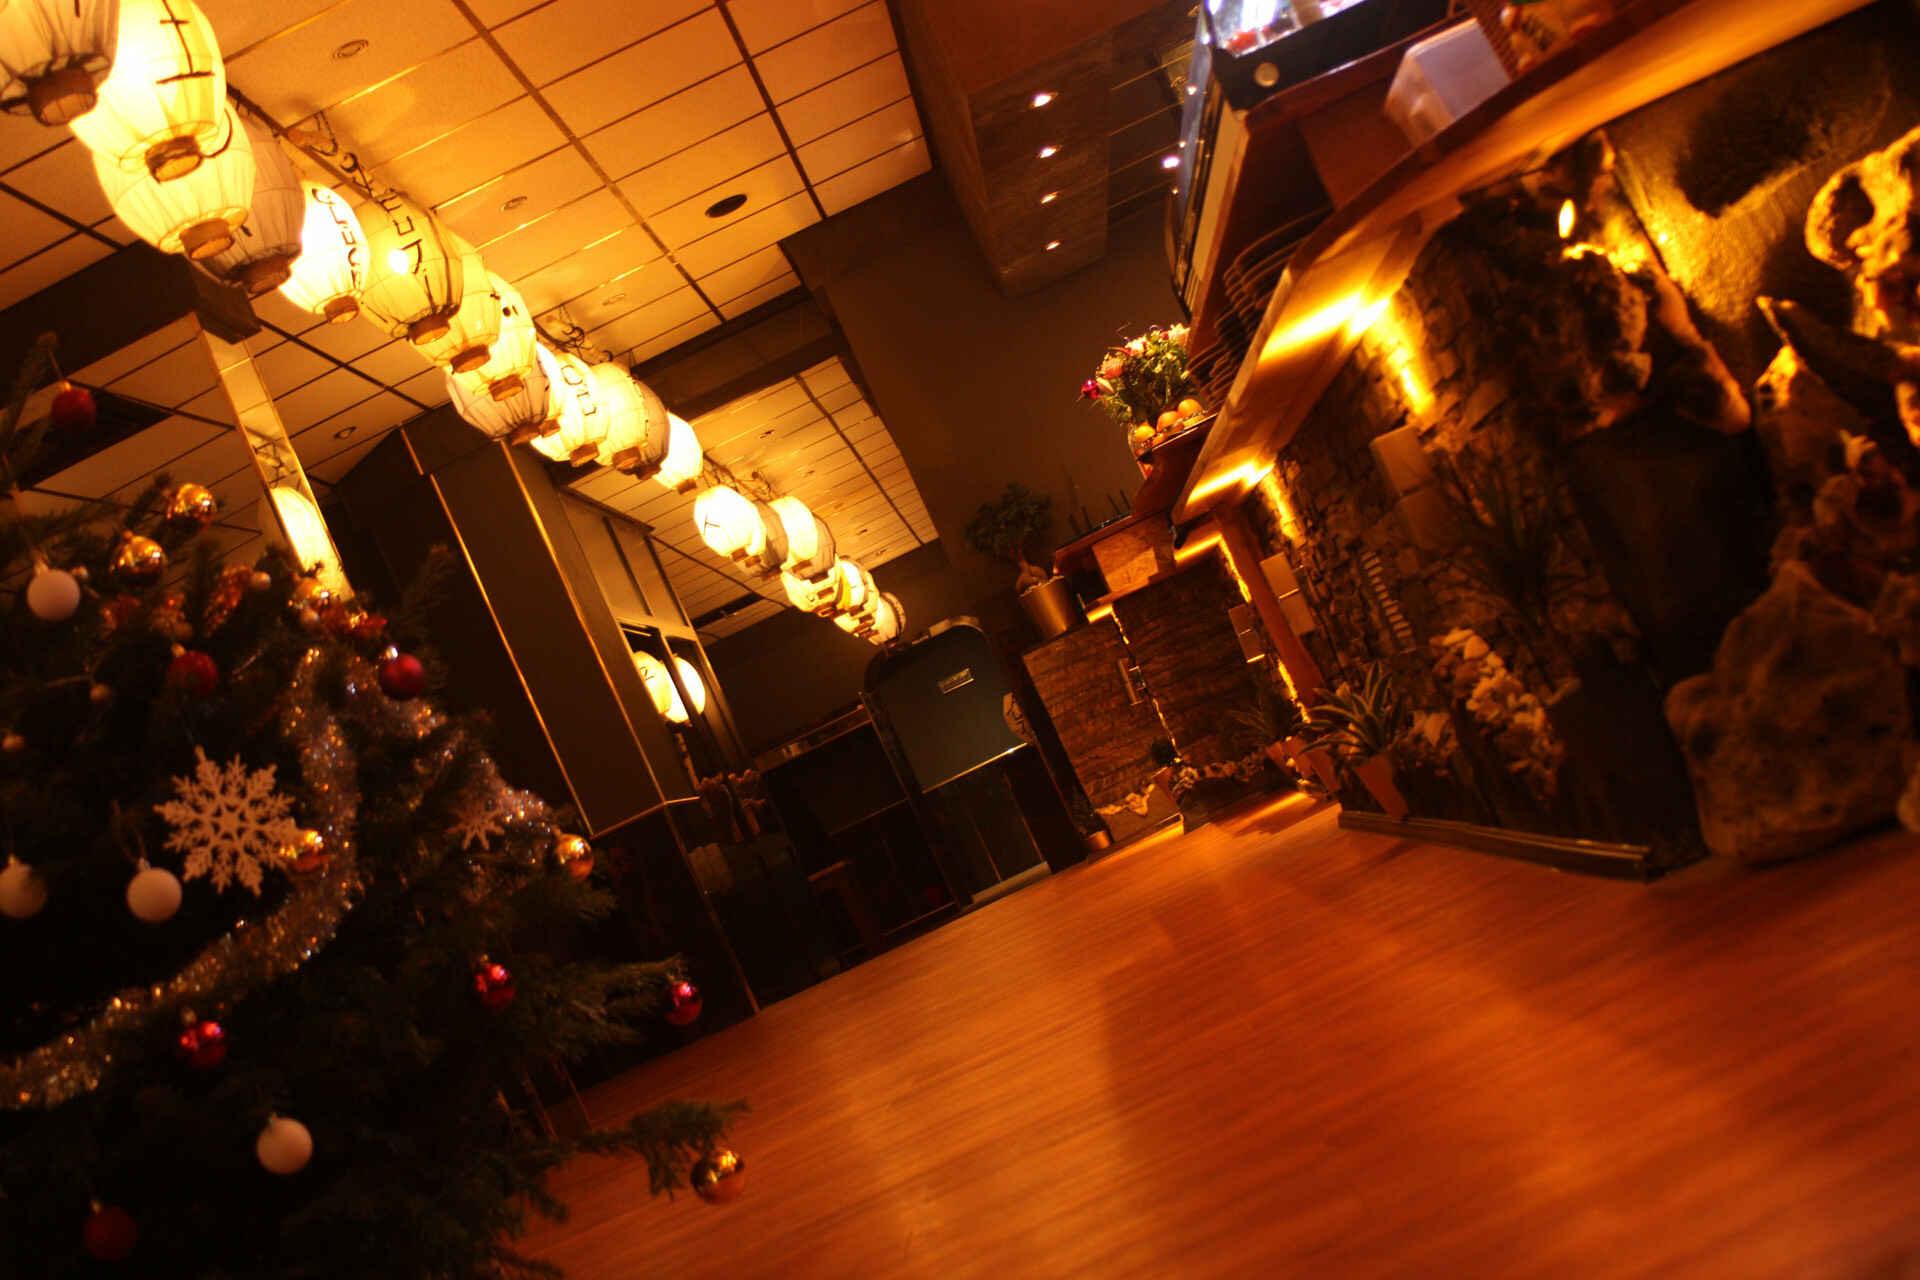 Bild zur Nachricht von Fuji Restaurant